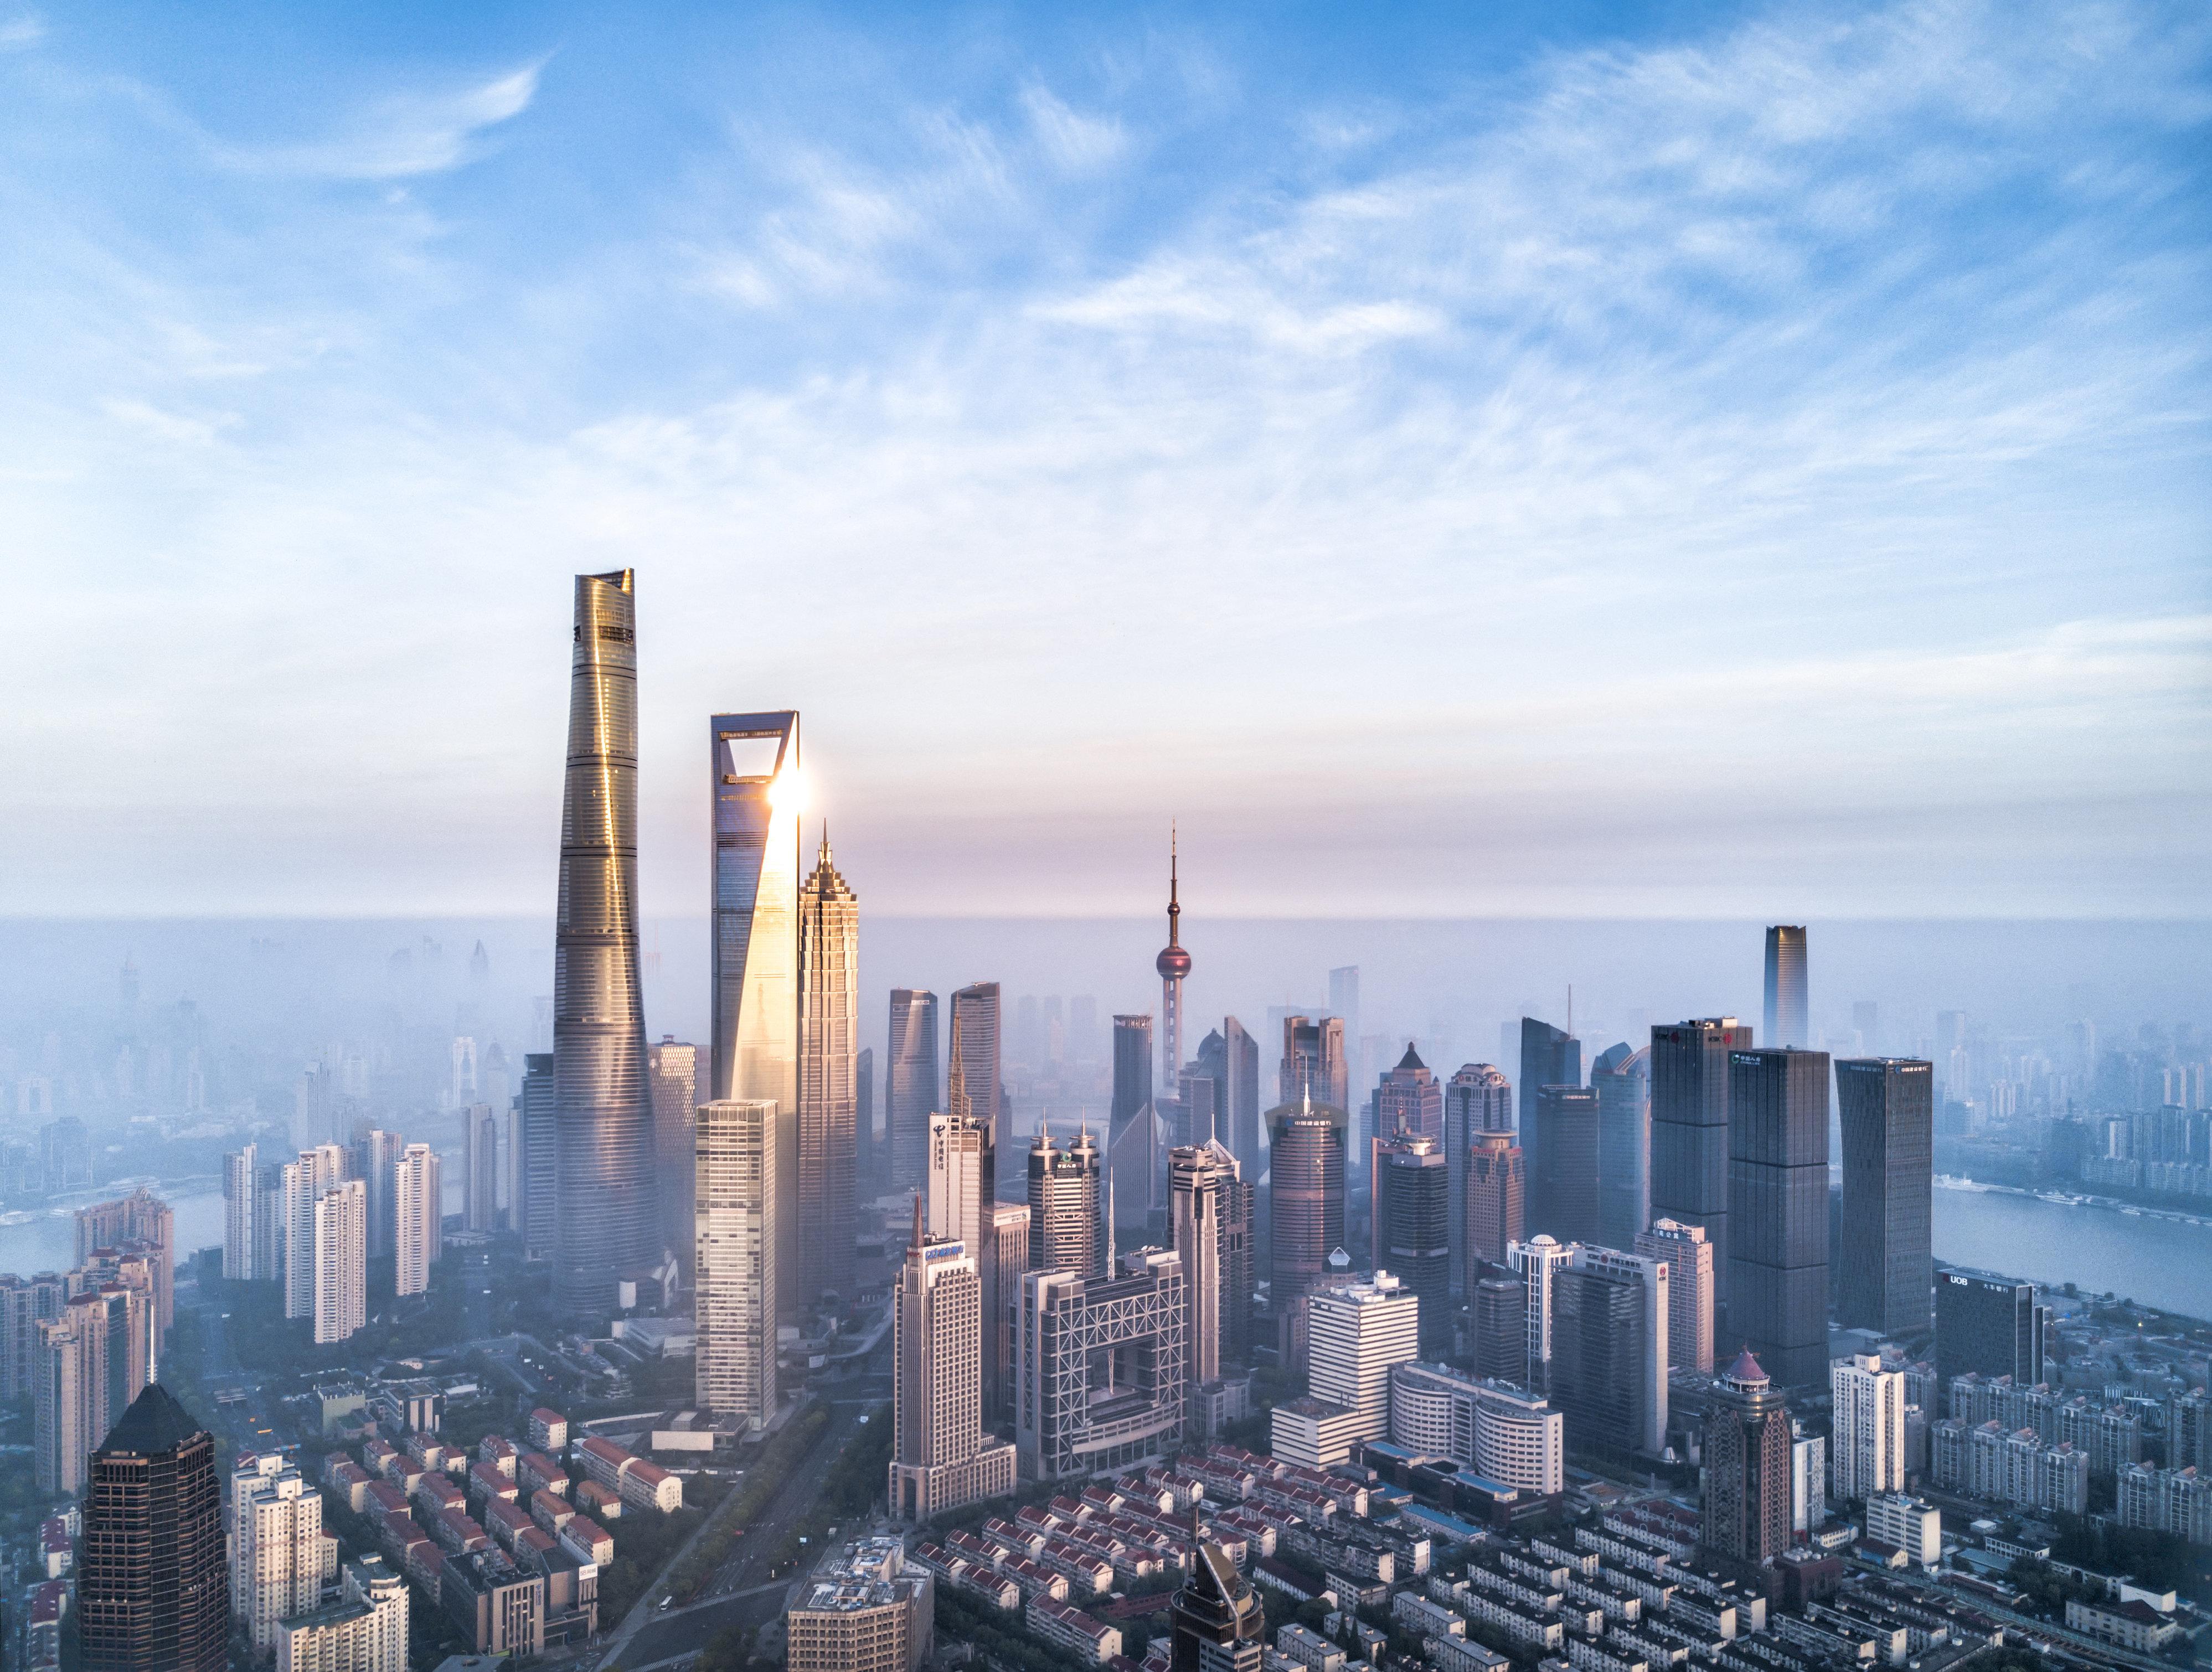 Ταξιδέψτε στη Σαγκάη μέσω μιας πανοραμικής φωτογραφίας 195 δις